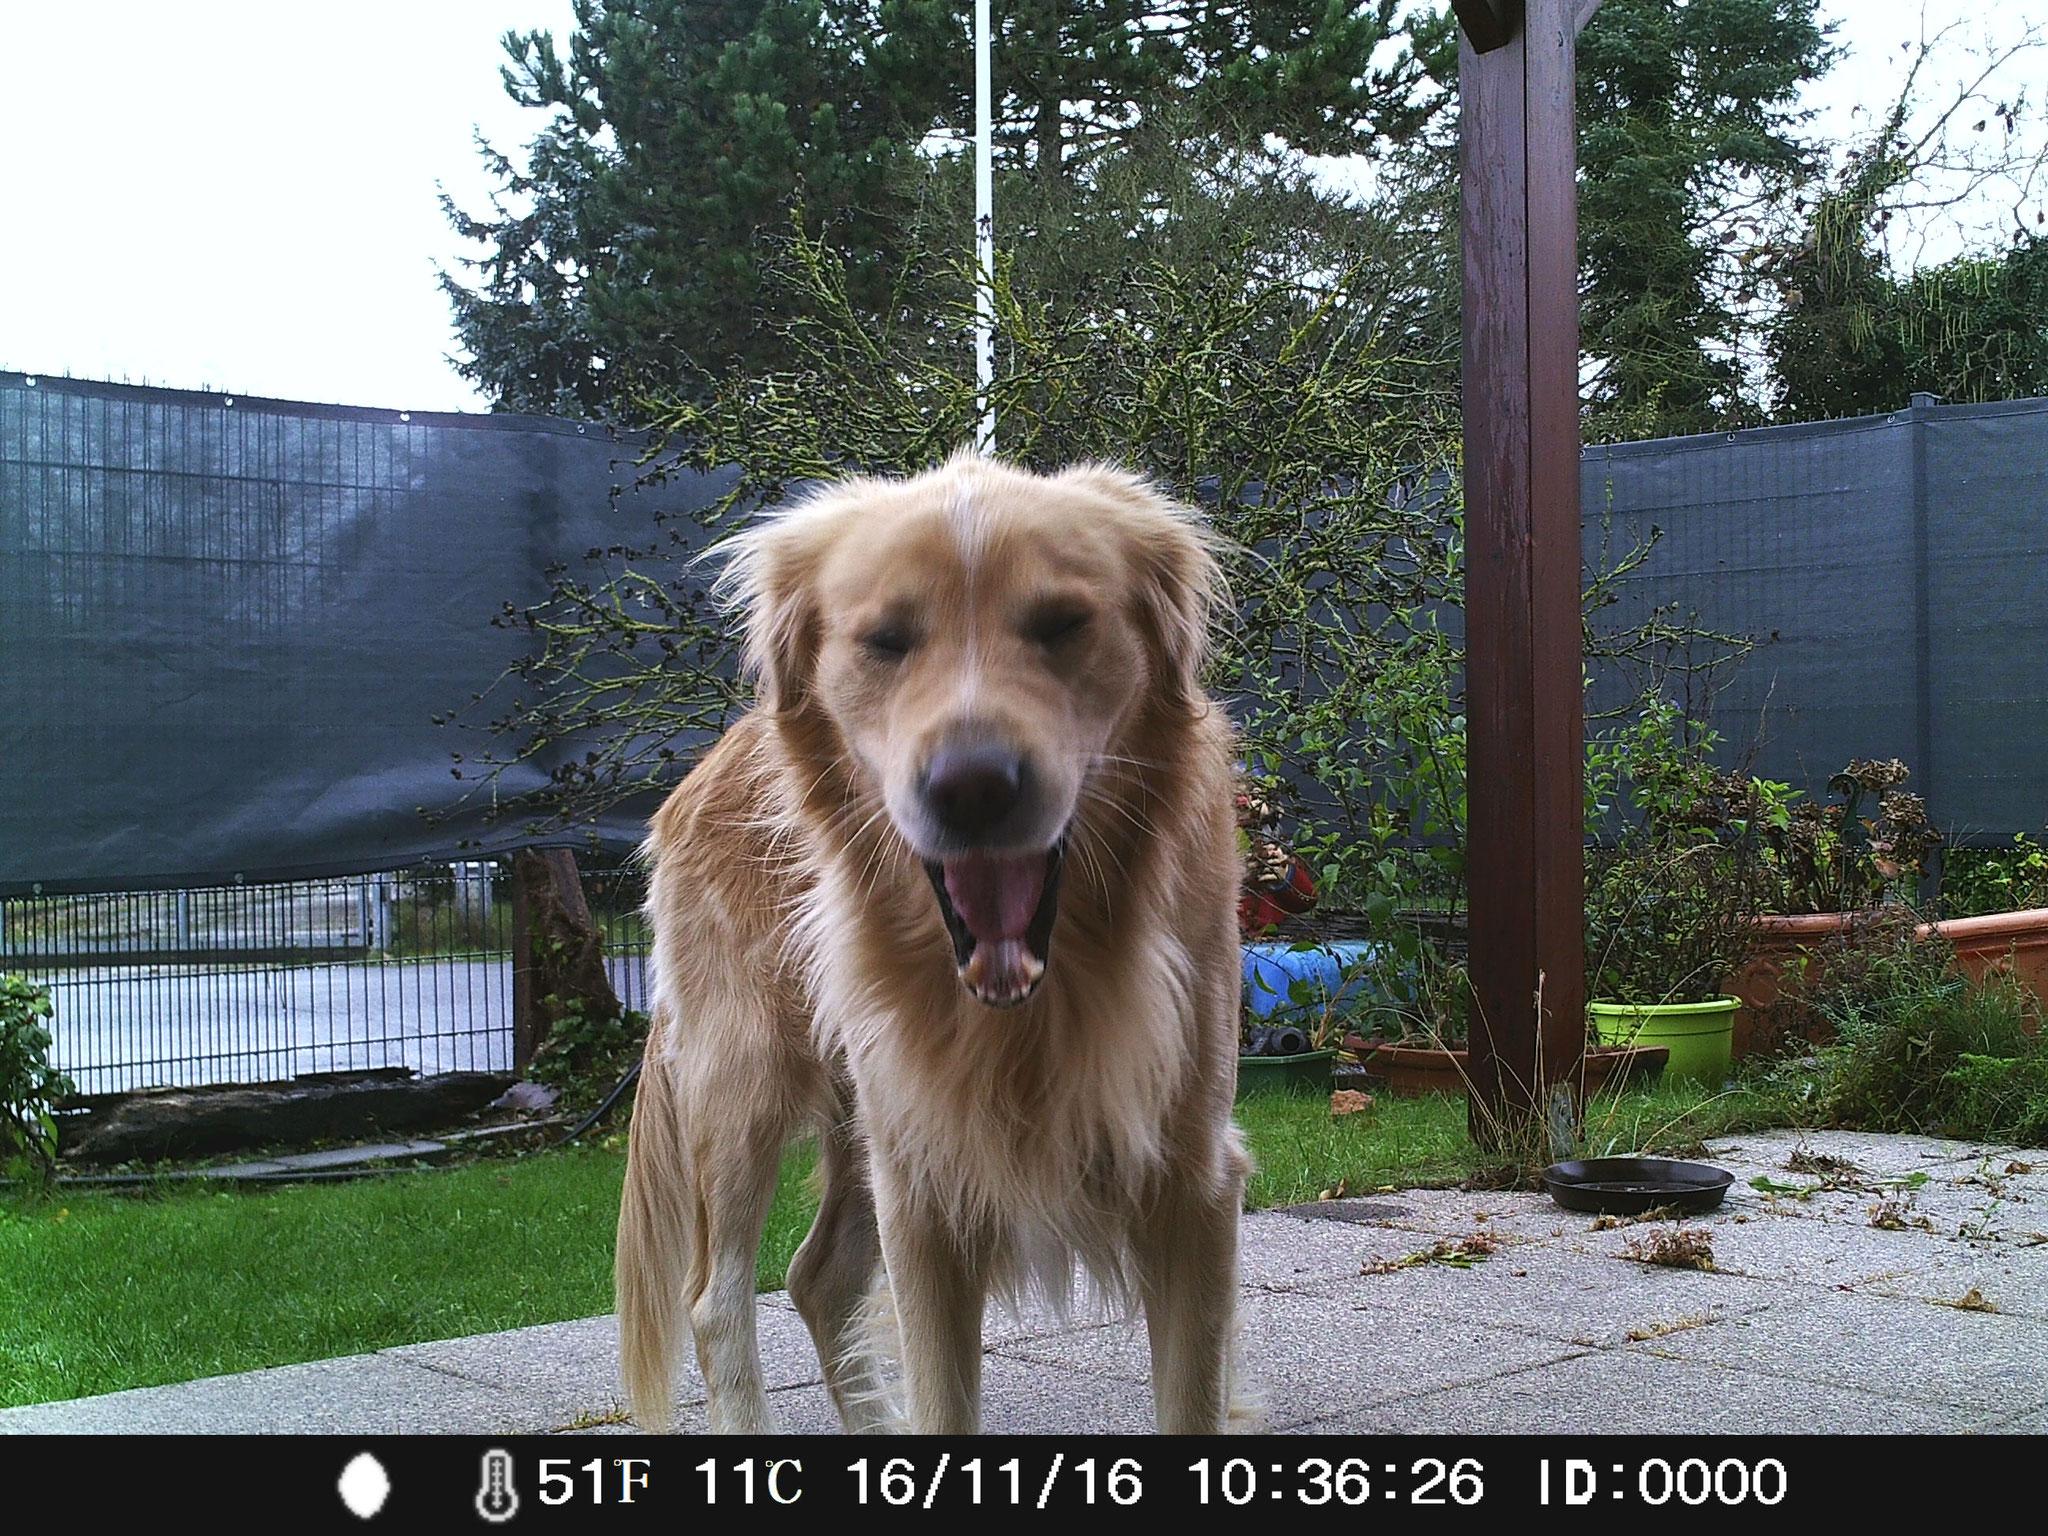 Mein Hund fühlt sich vollkommen unbeobachtet